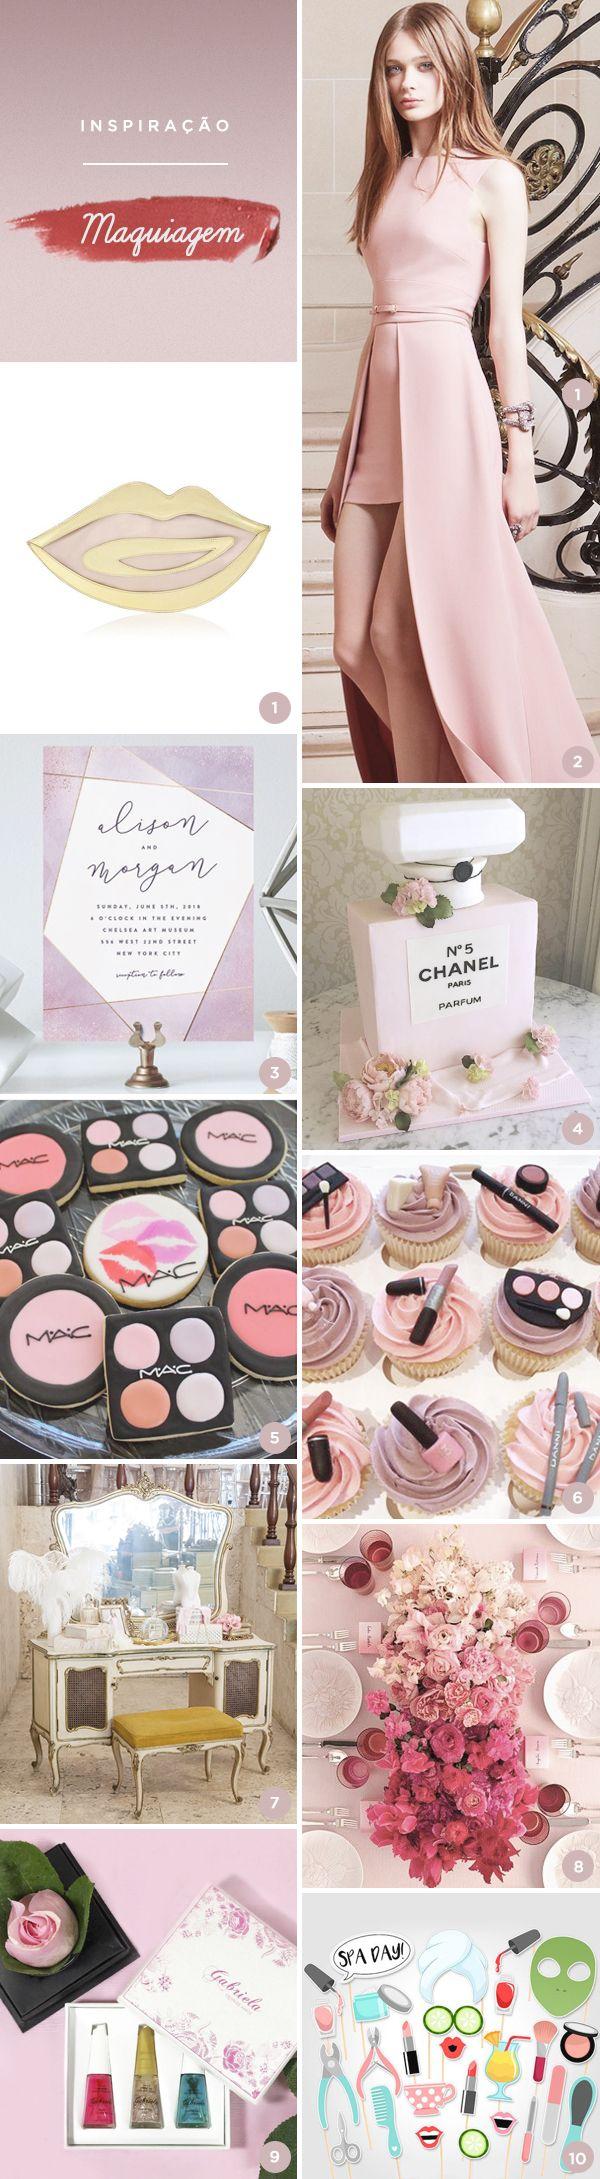 Que tal uma festa de 15 anos com tema beleza? Selecionamos 10 lindas ideias, do vestido ao acessório, passando por decoração, bolo, convite...